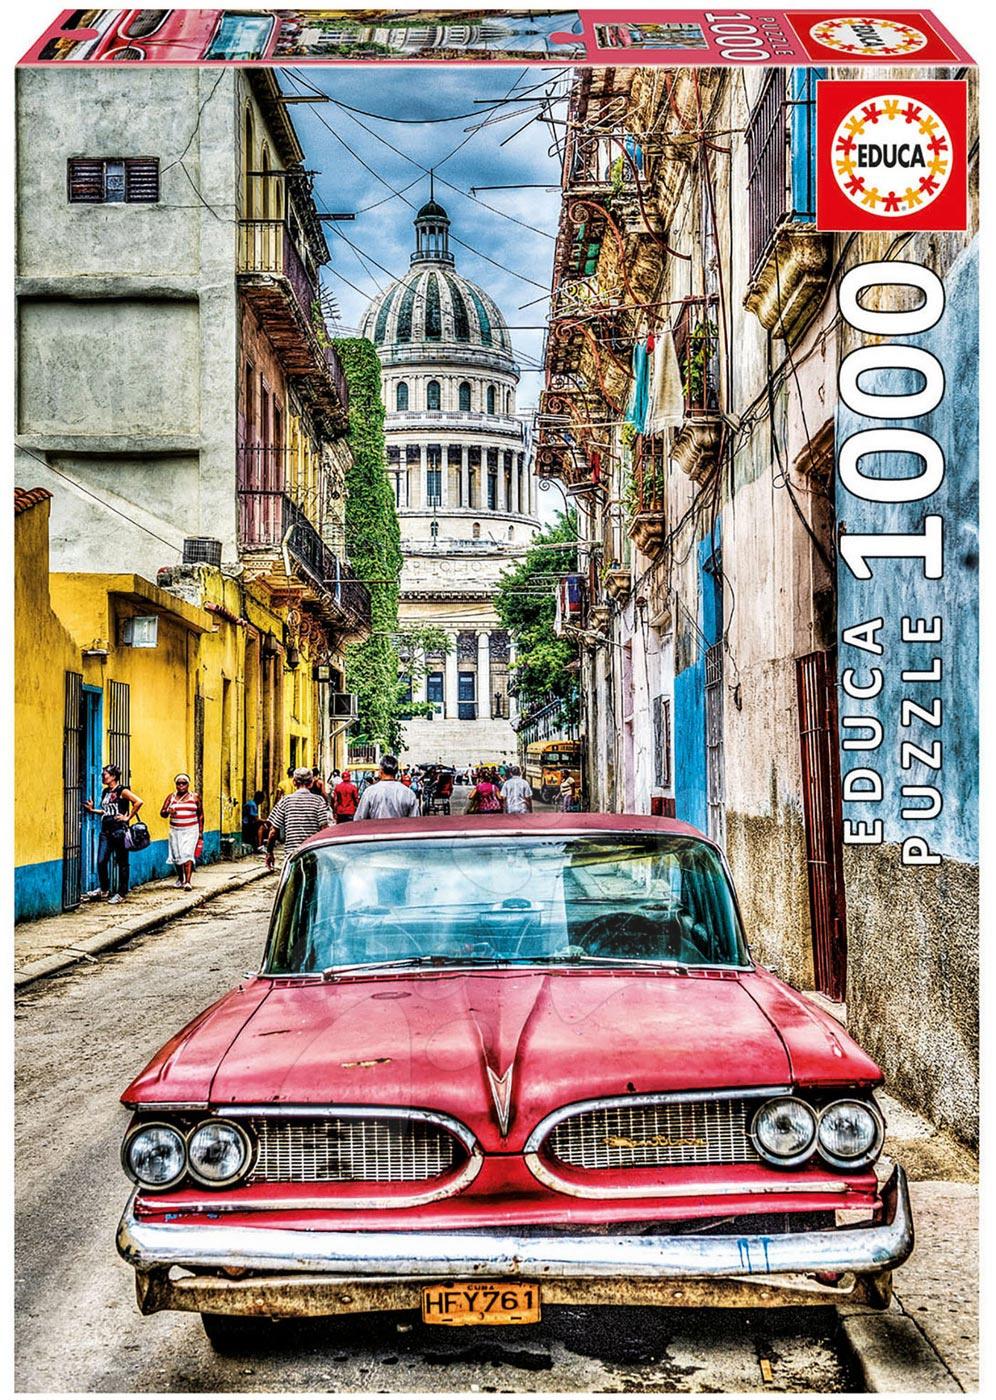 Puzzle 1000 dielne - Puzzle Genuine Vintage car in old Havana Educa 1000 dielov od 12 rokov